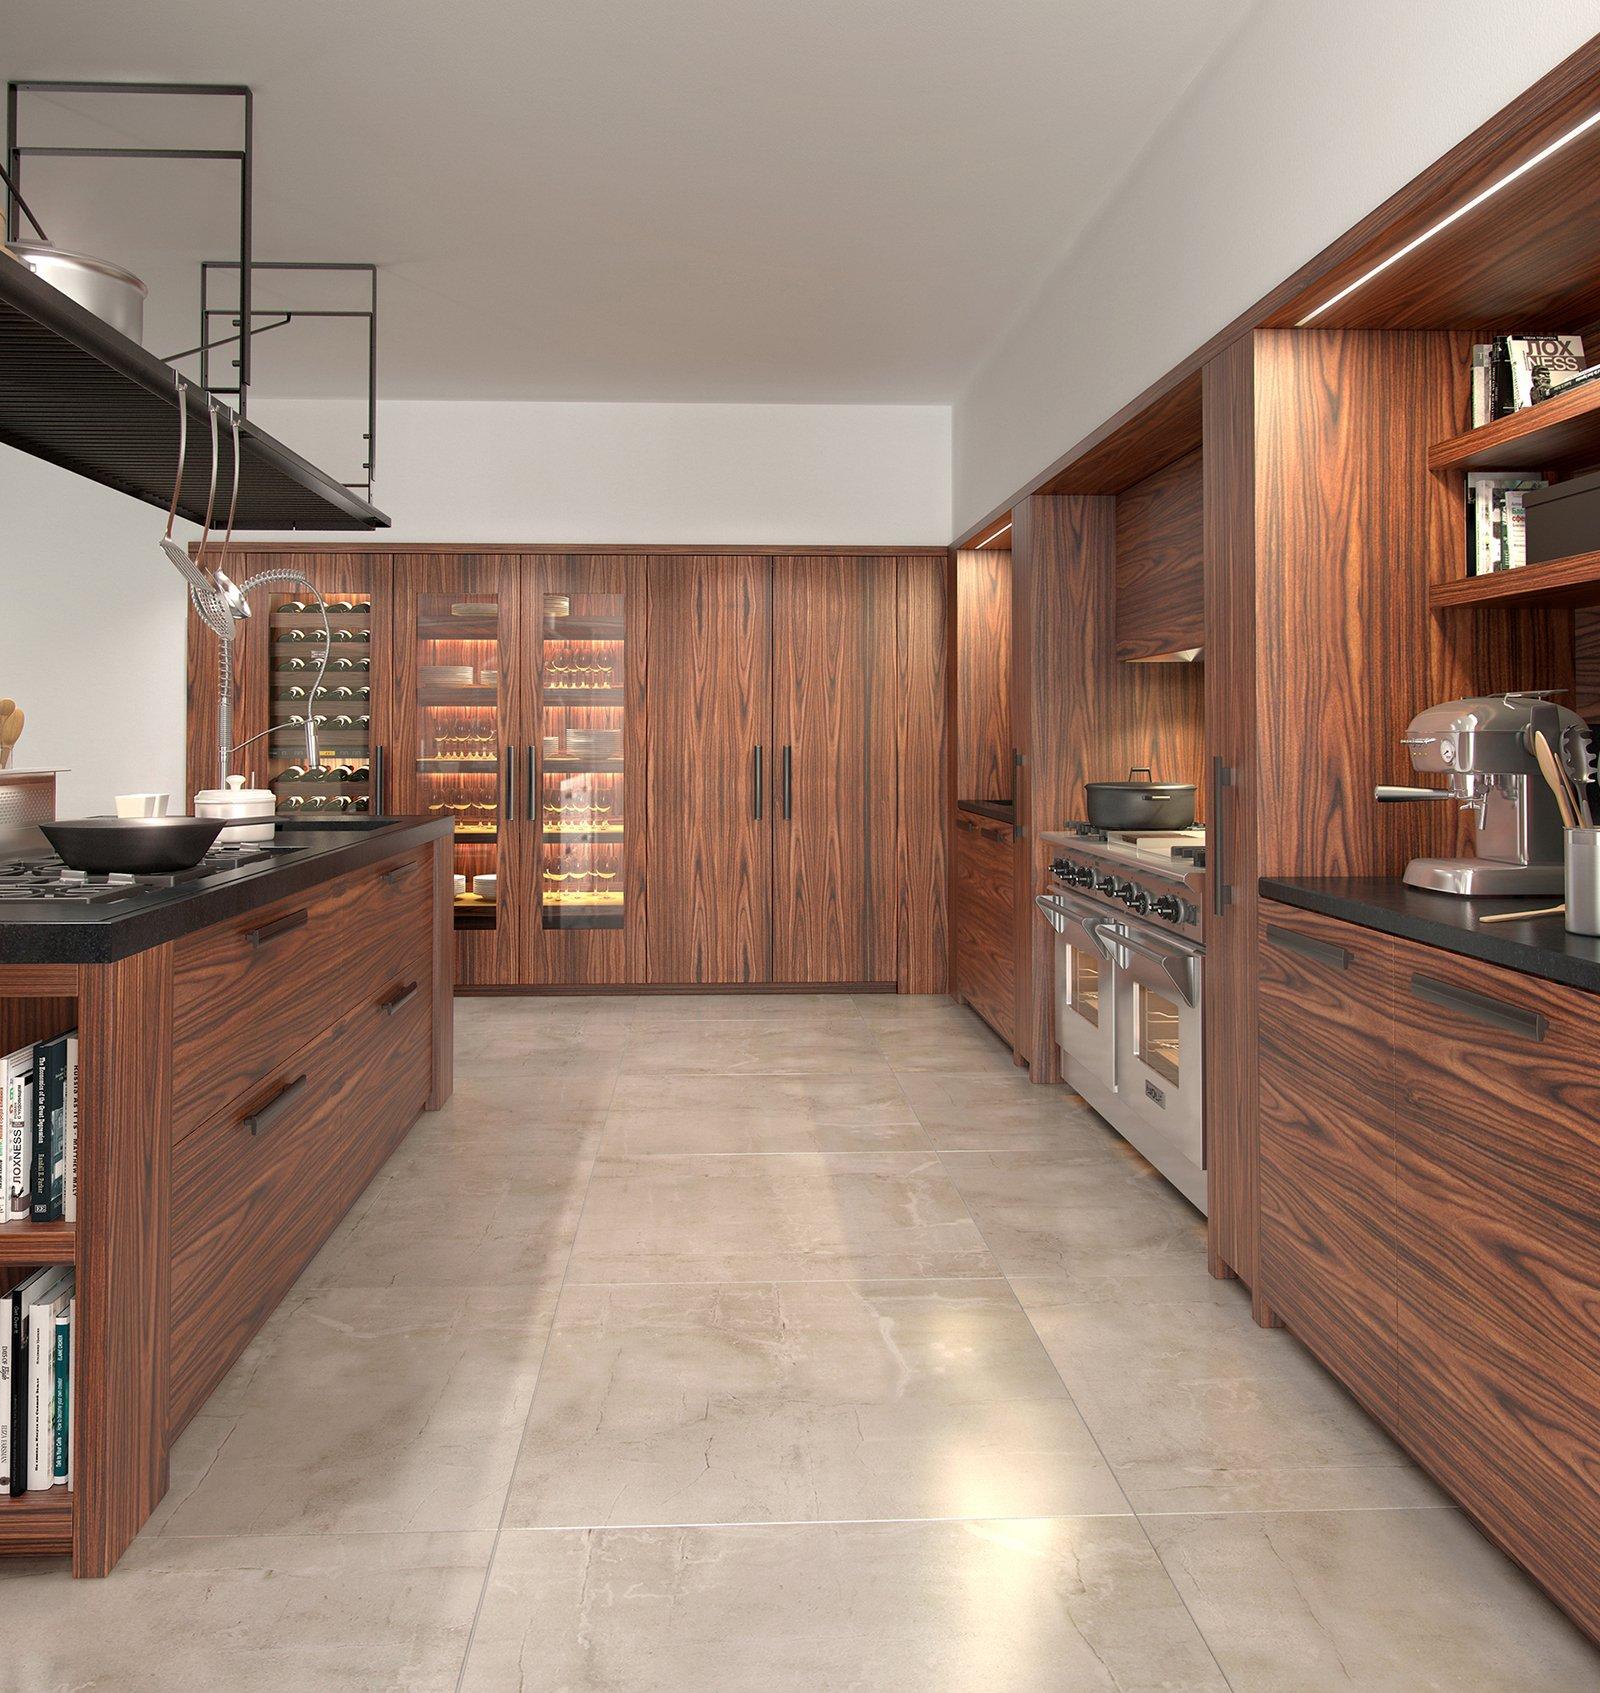 Nuove cucine: 5 modi di essere decor - Cose di Casa